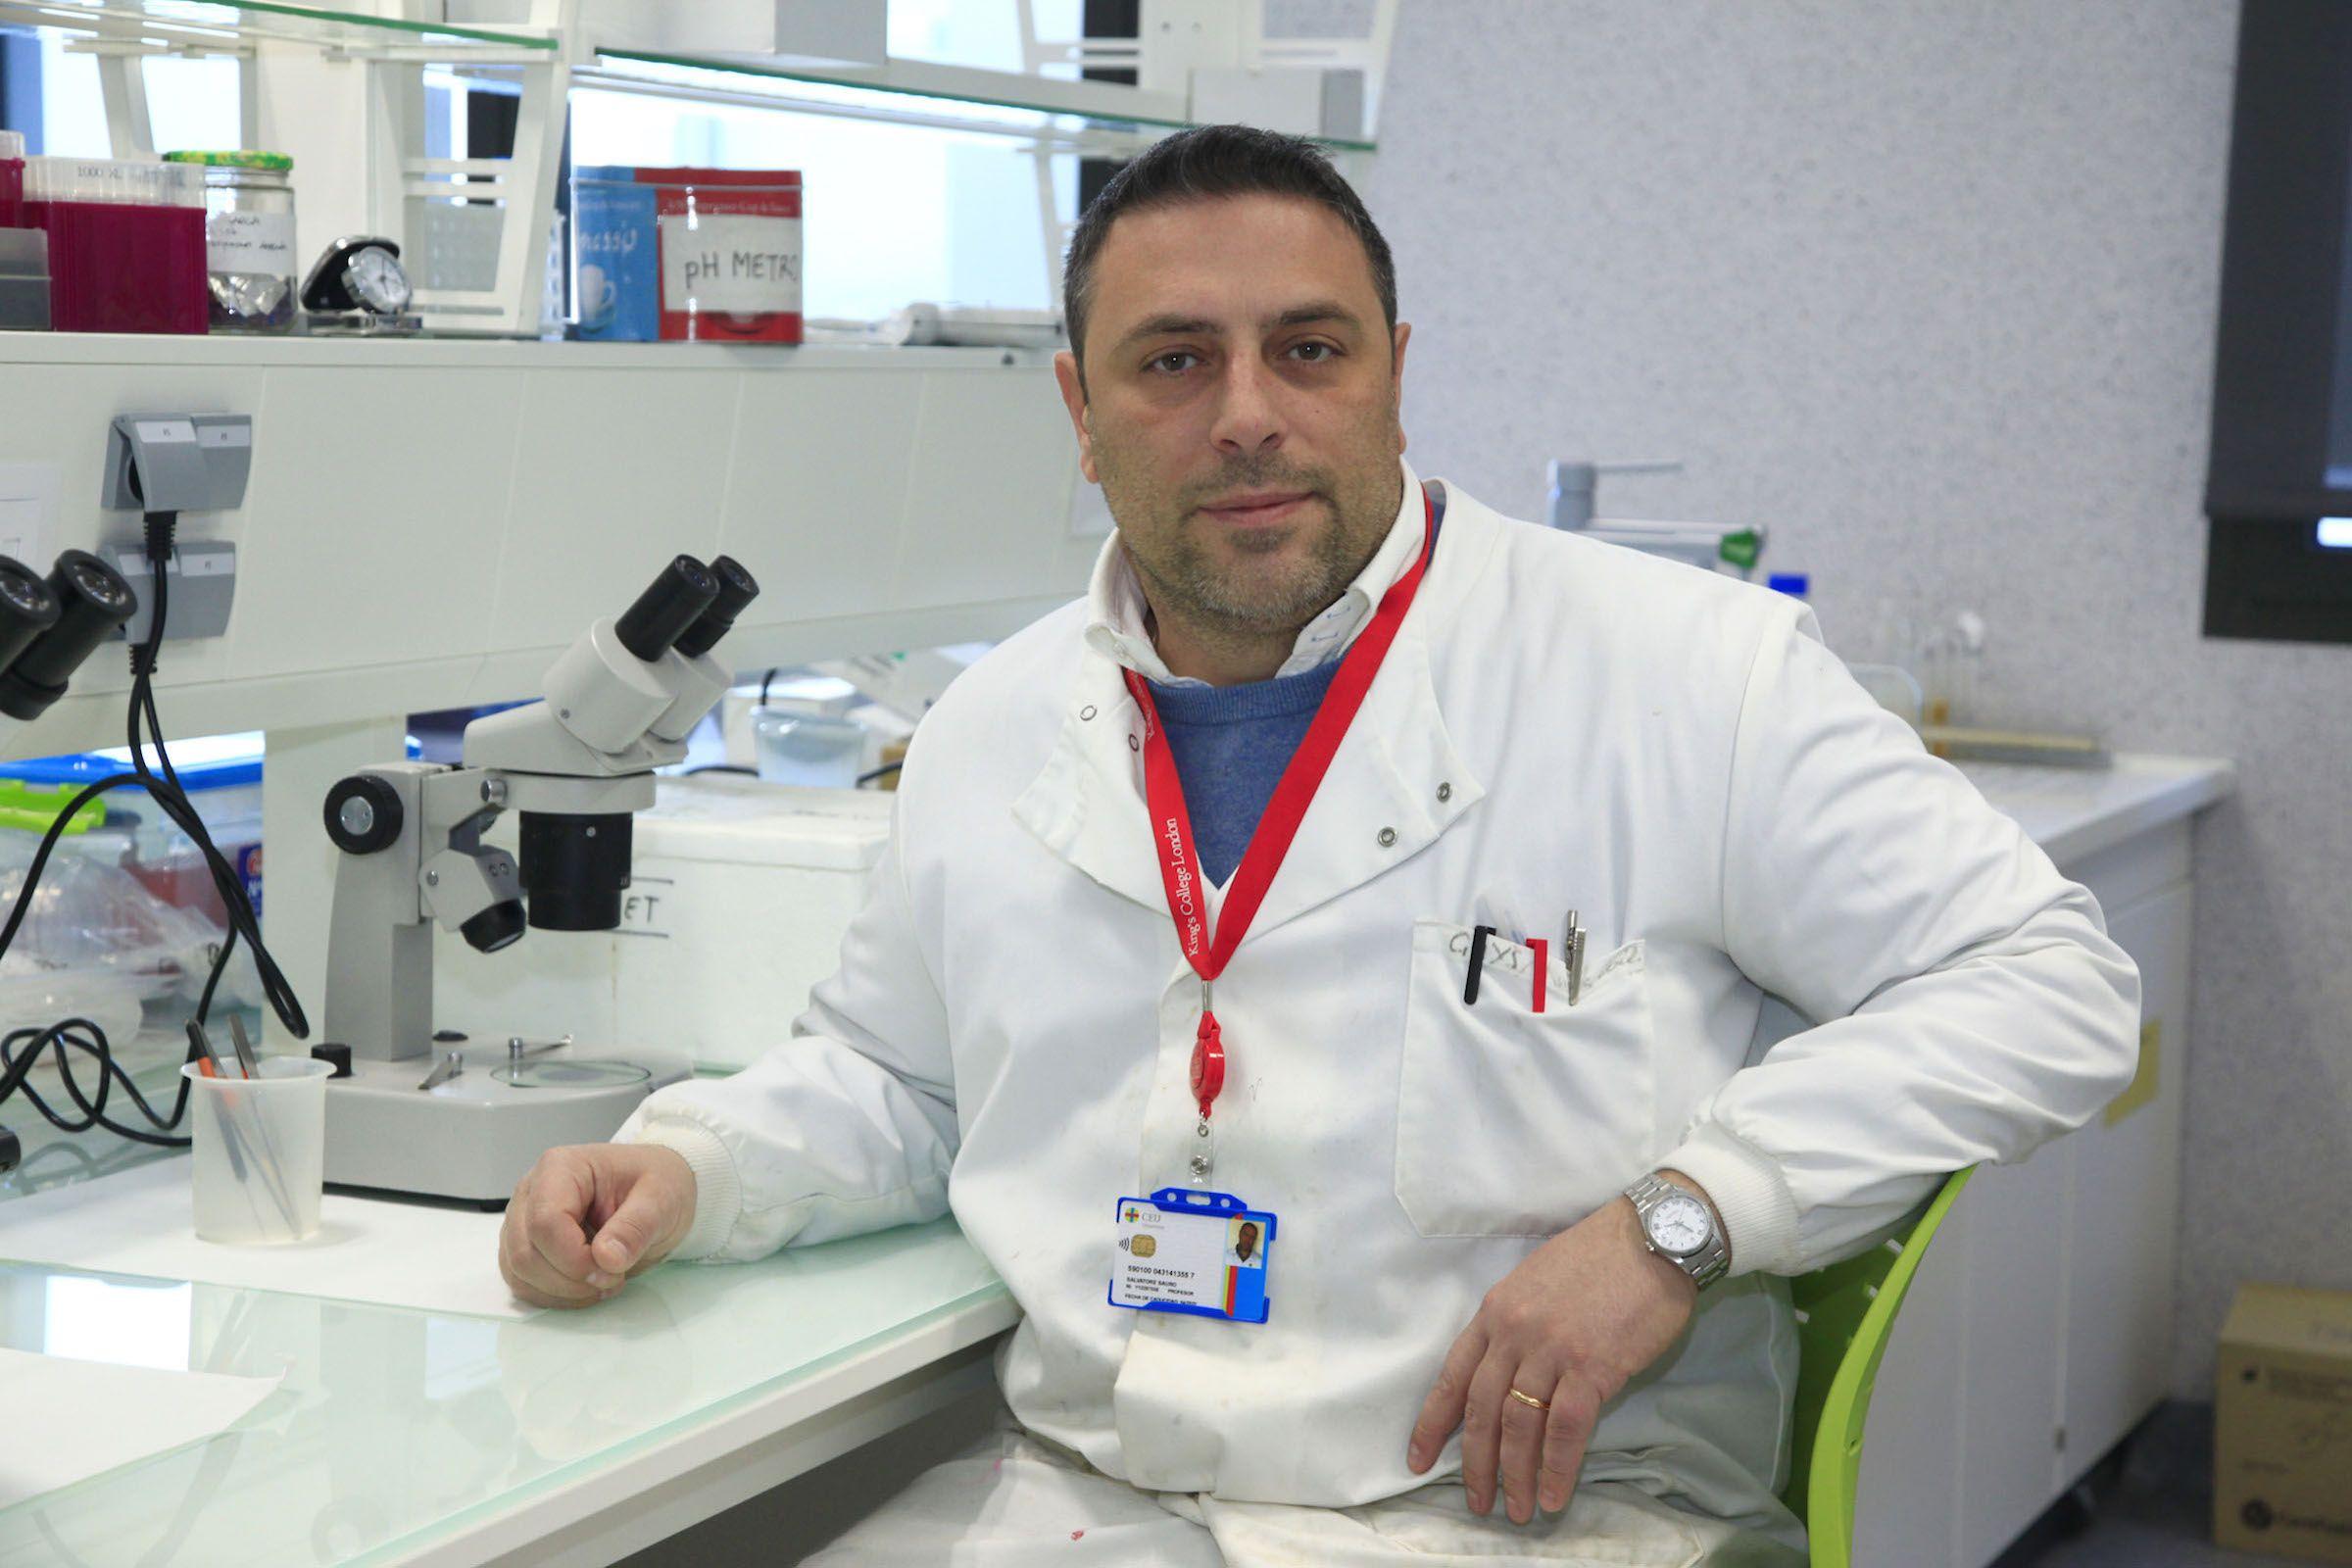 Salvatore Sauro, profesor de Dentistry en la Universidad CEU Cardenal Herrera, investigador en biomateriales dentales que ha liderado el estudio sobre el grafeno.